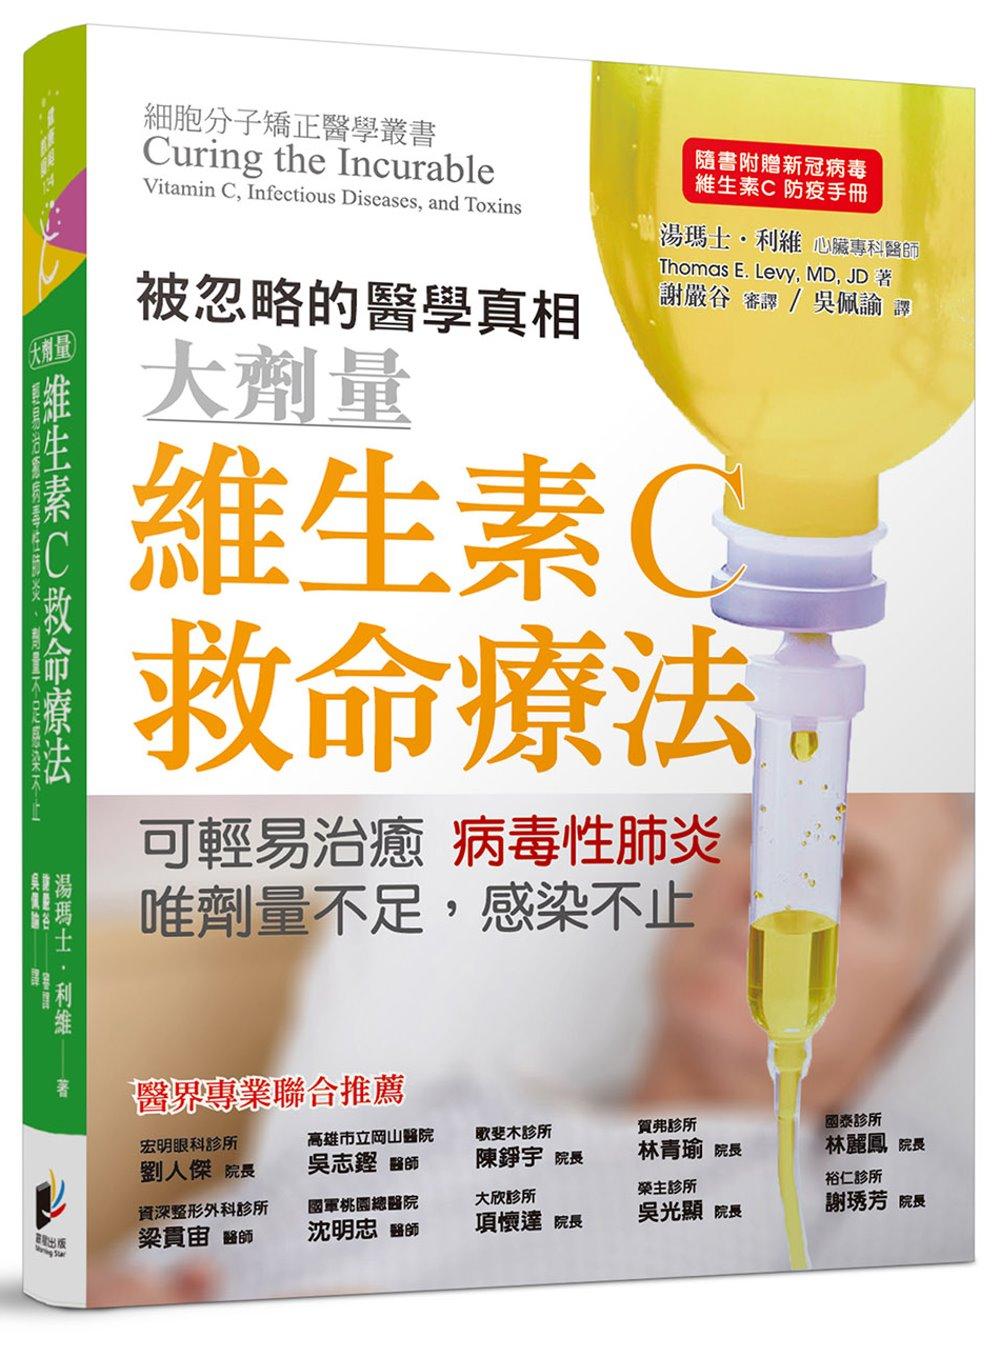 維生素C救命療法:可輕易治癒病毒性肺炎,唯劑量不足感染不止